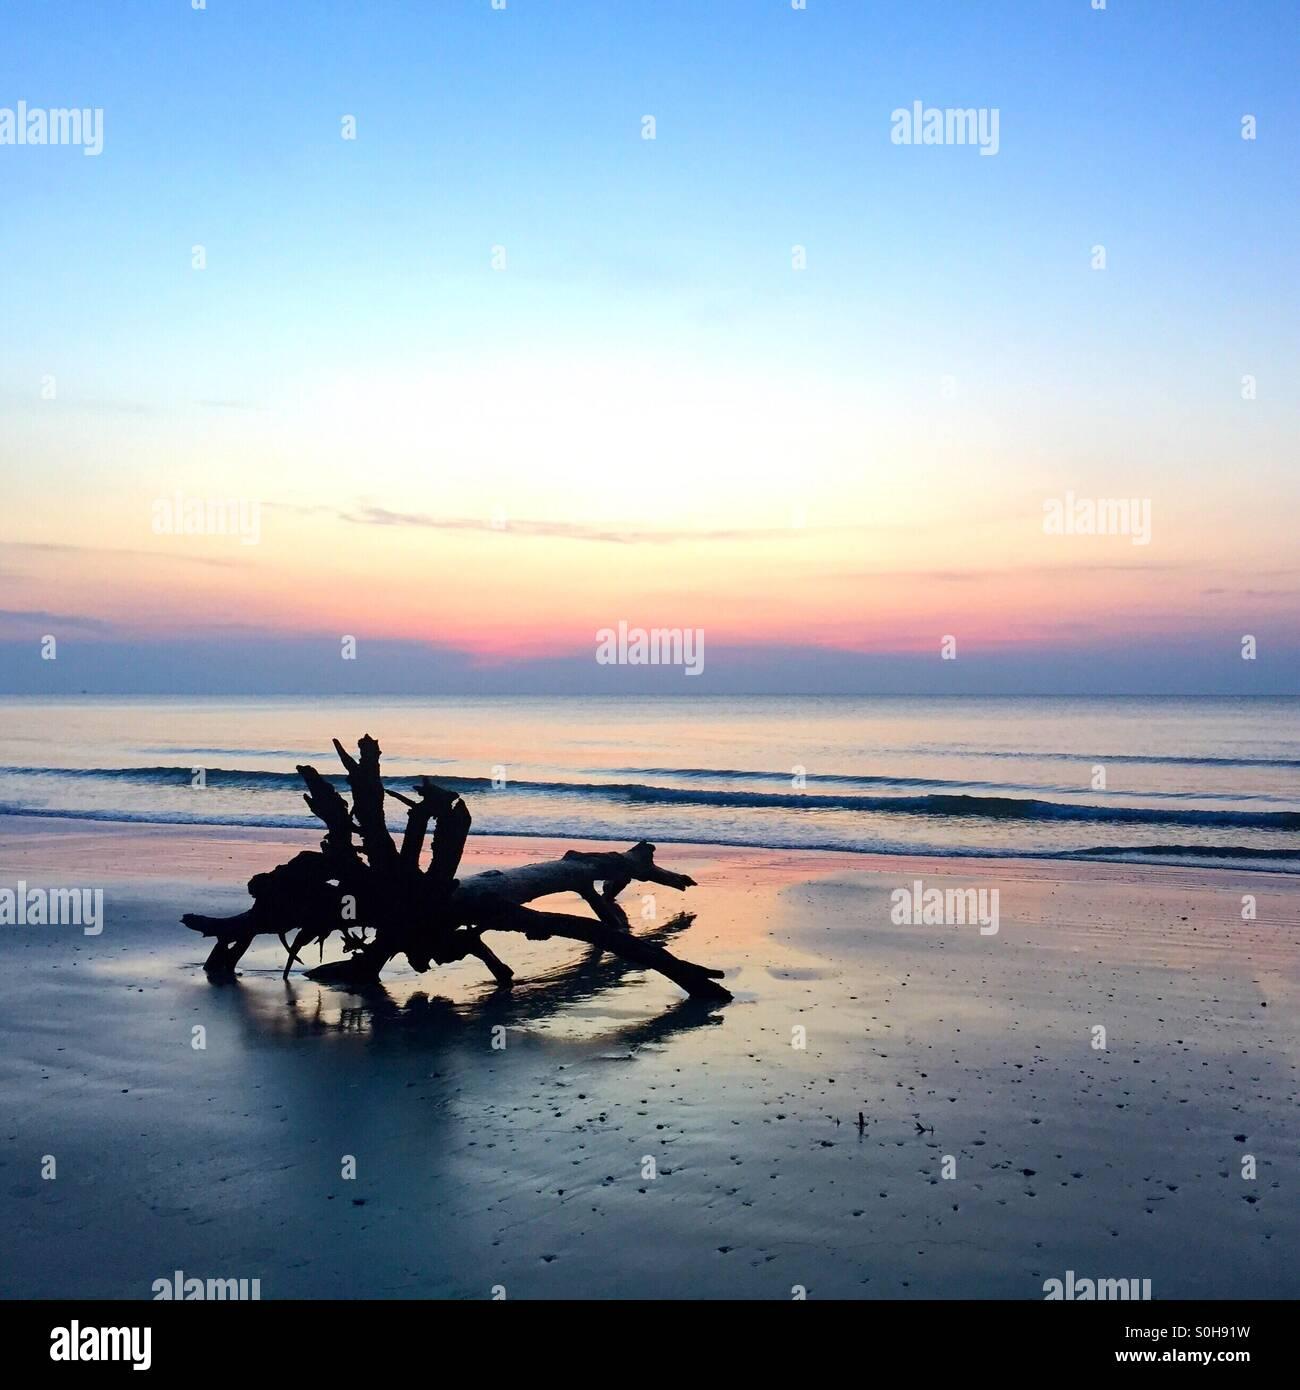 Ein Baumstumpf ist gegen den Sonnenaufgang Himmel auf Jagd Island in South Carolina Silhouette. Stockbild